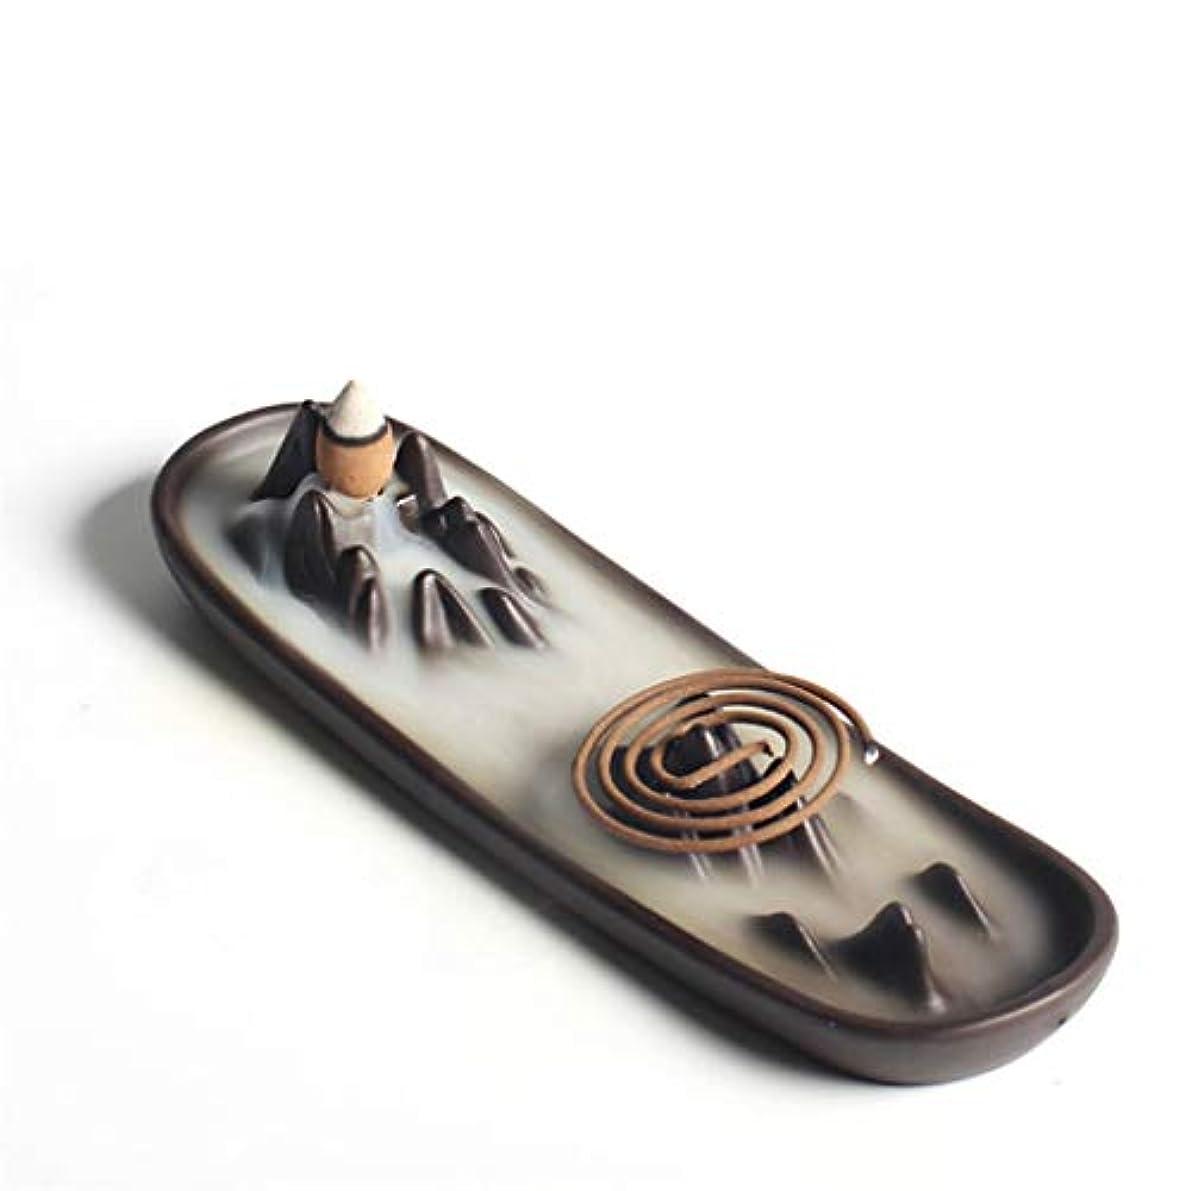 アボートコメンテーター愛するホームアロマバーナー 逆流香バーナー家の装飾セラミックアロマセラピー仏教の滝香炉香コイルスティックホルダー 芳香器アロマバーナー (Color : A)